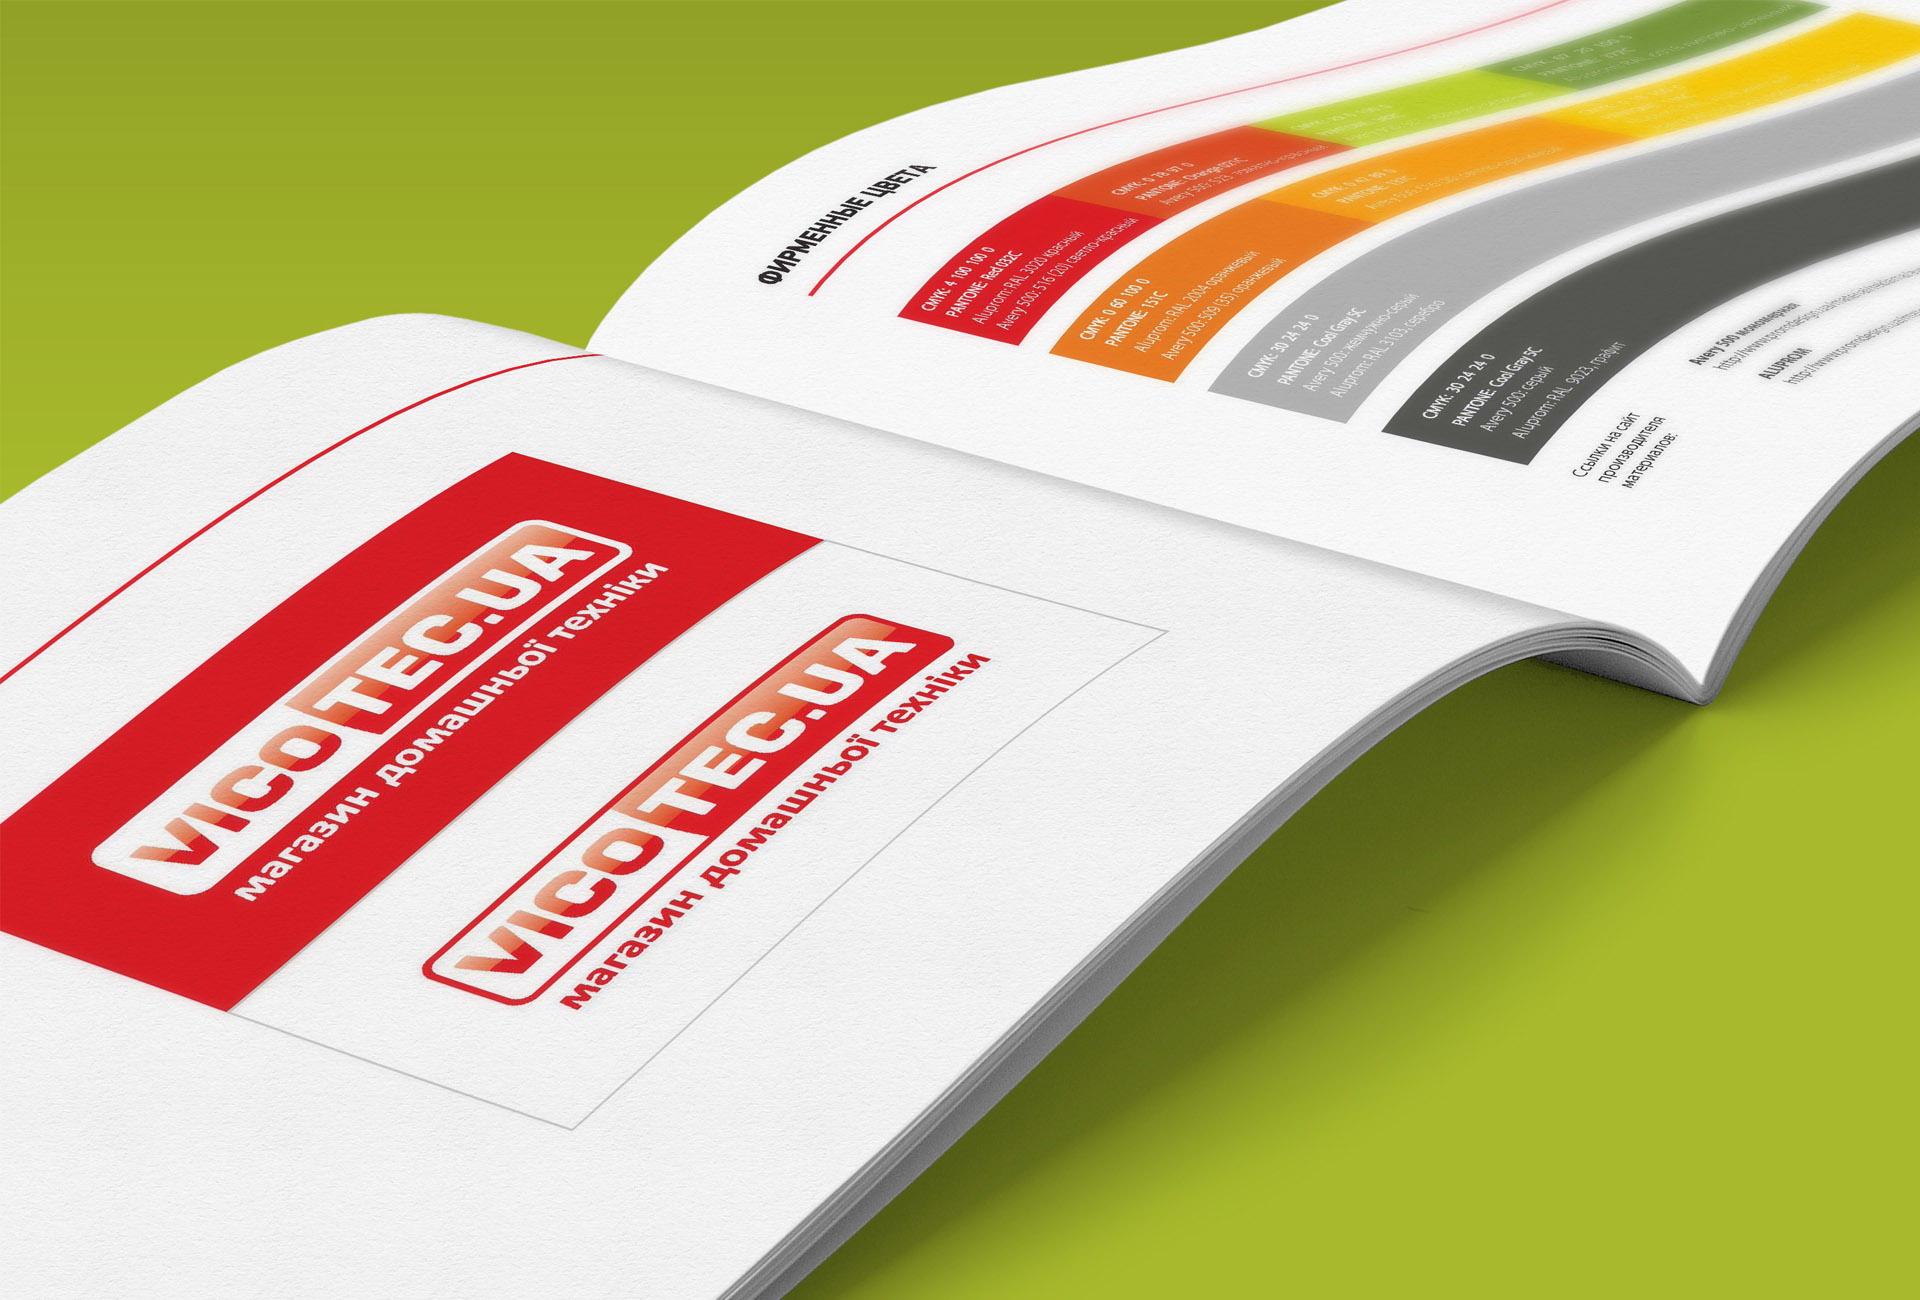 Создание of the brand book для магазина бытовой техники